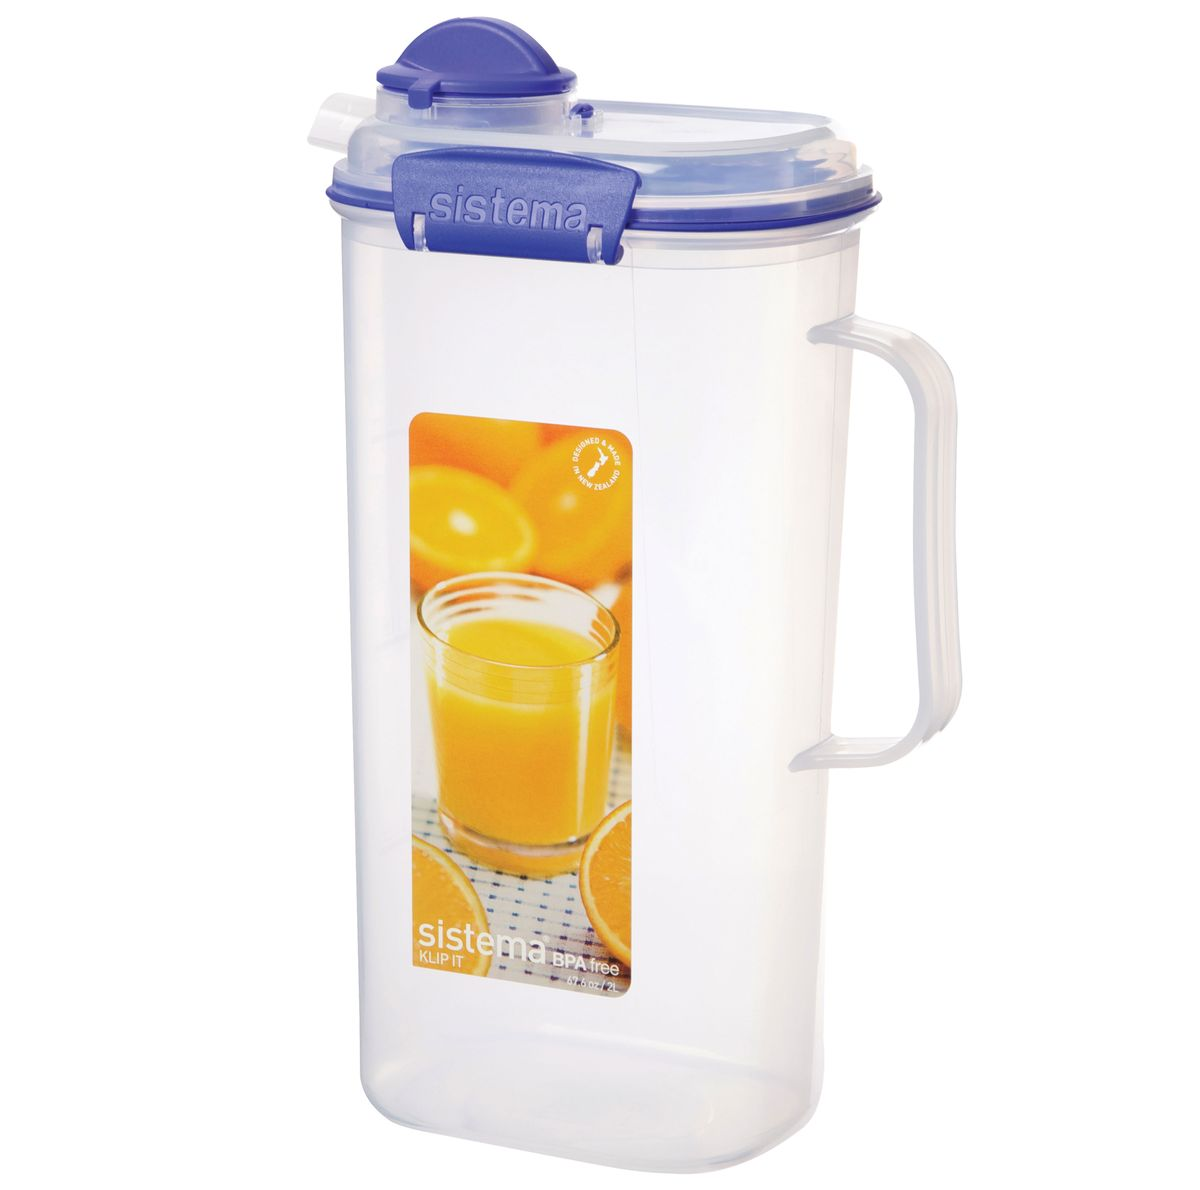 Кувшин для сока Sistema Klip It, 2 л1420Кувшин Klip It предназначен для хранения напитков. Крышка с силиконовой прокладкой герметично закрывается. Можно мыть в посудомоечной машине.